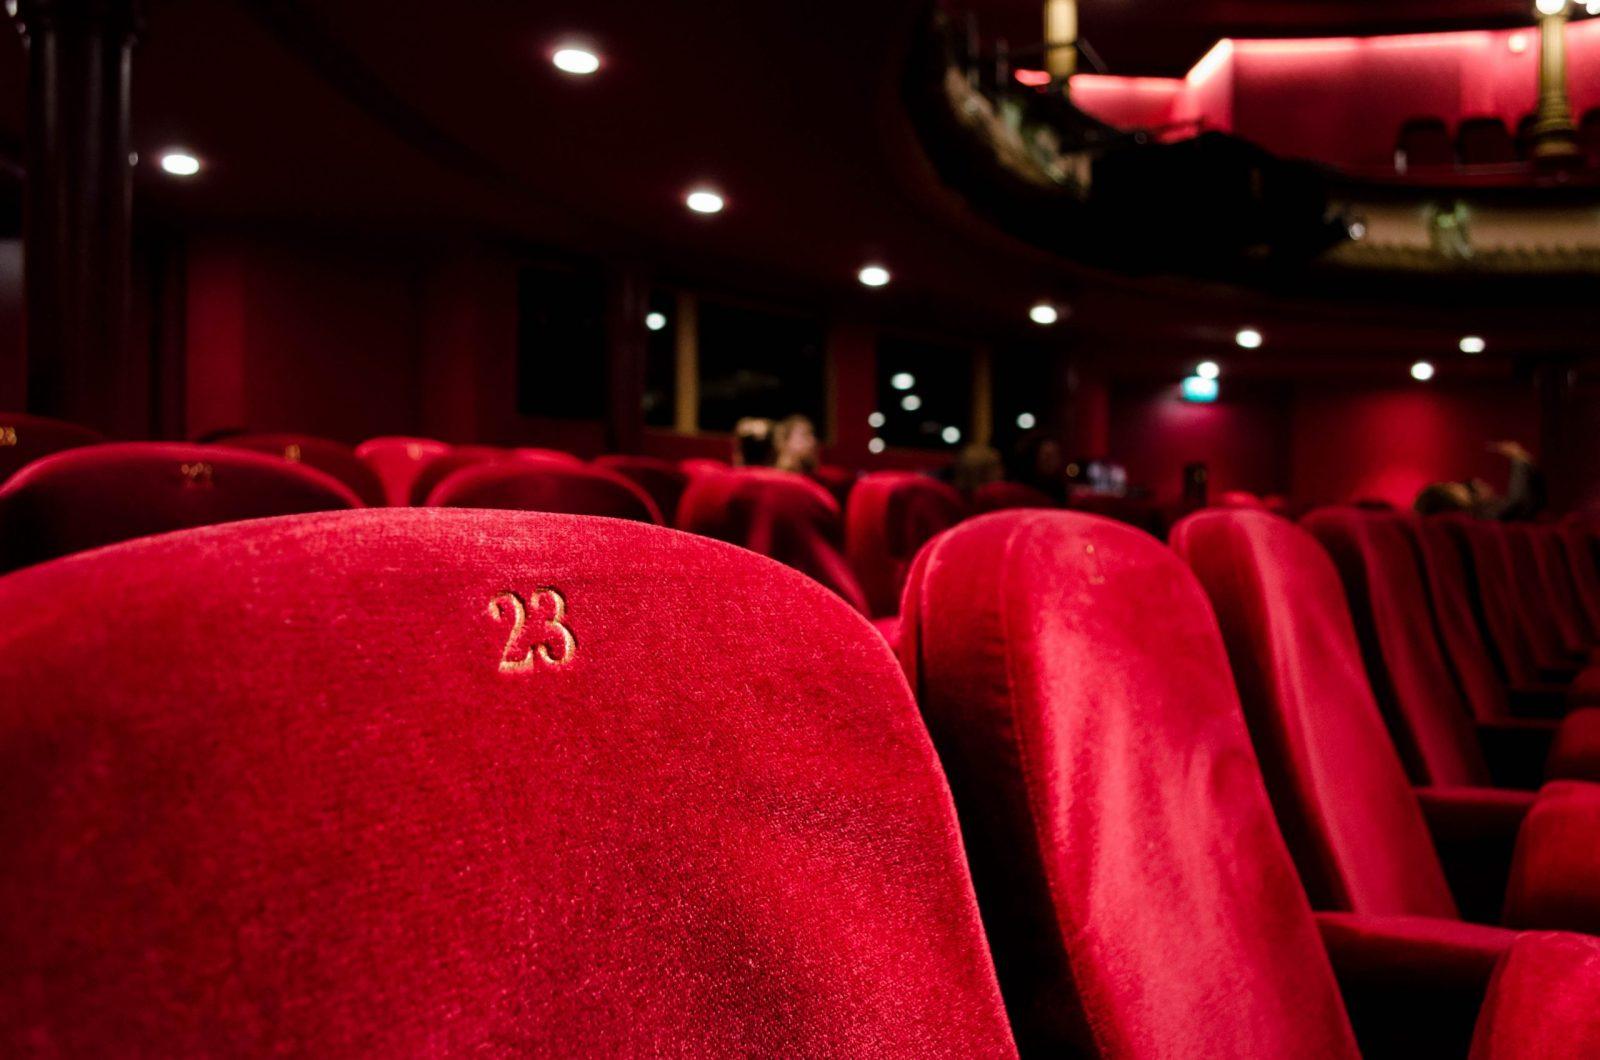 Attirer des clients dans les cinémas sera un défi dans la nouvelle réalité économique post COVID-19